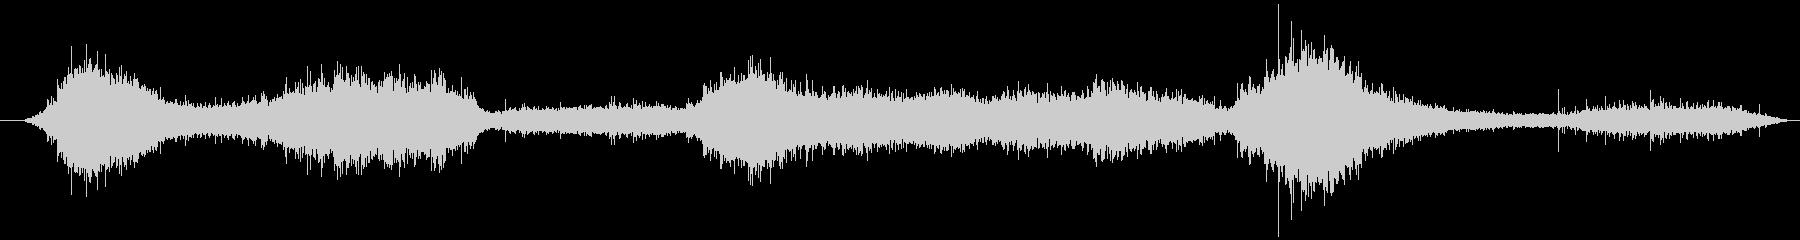 穏やかな波音(稲毛海岸)_03の未再生の波形